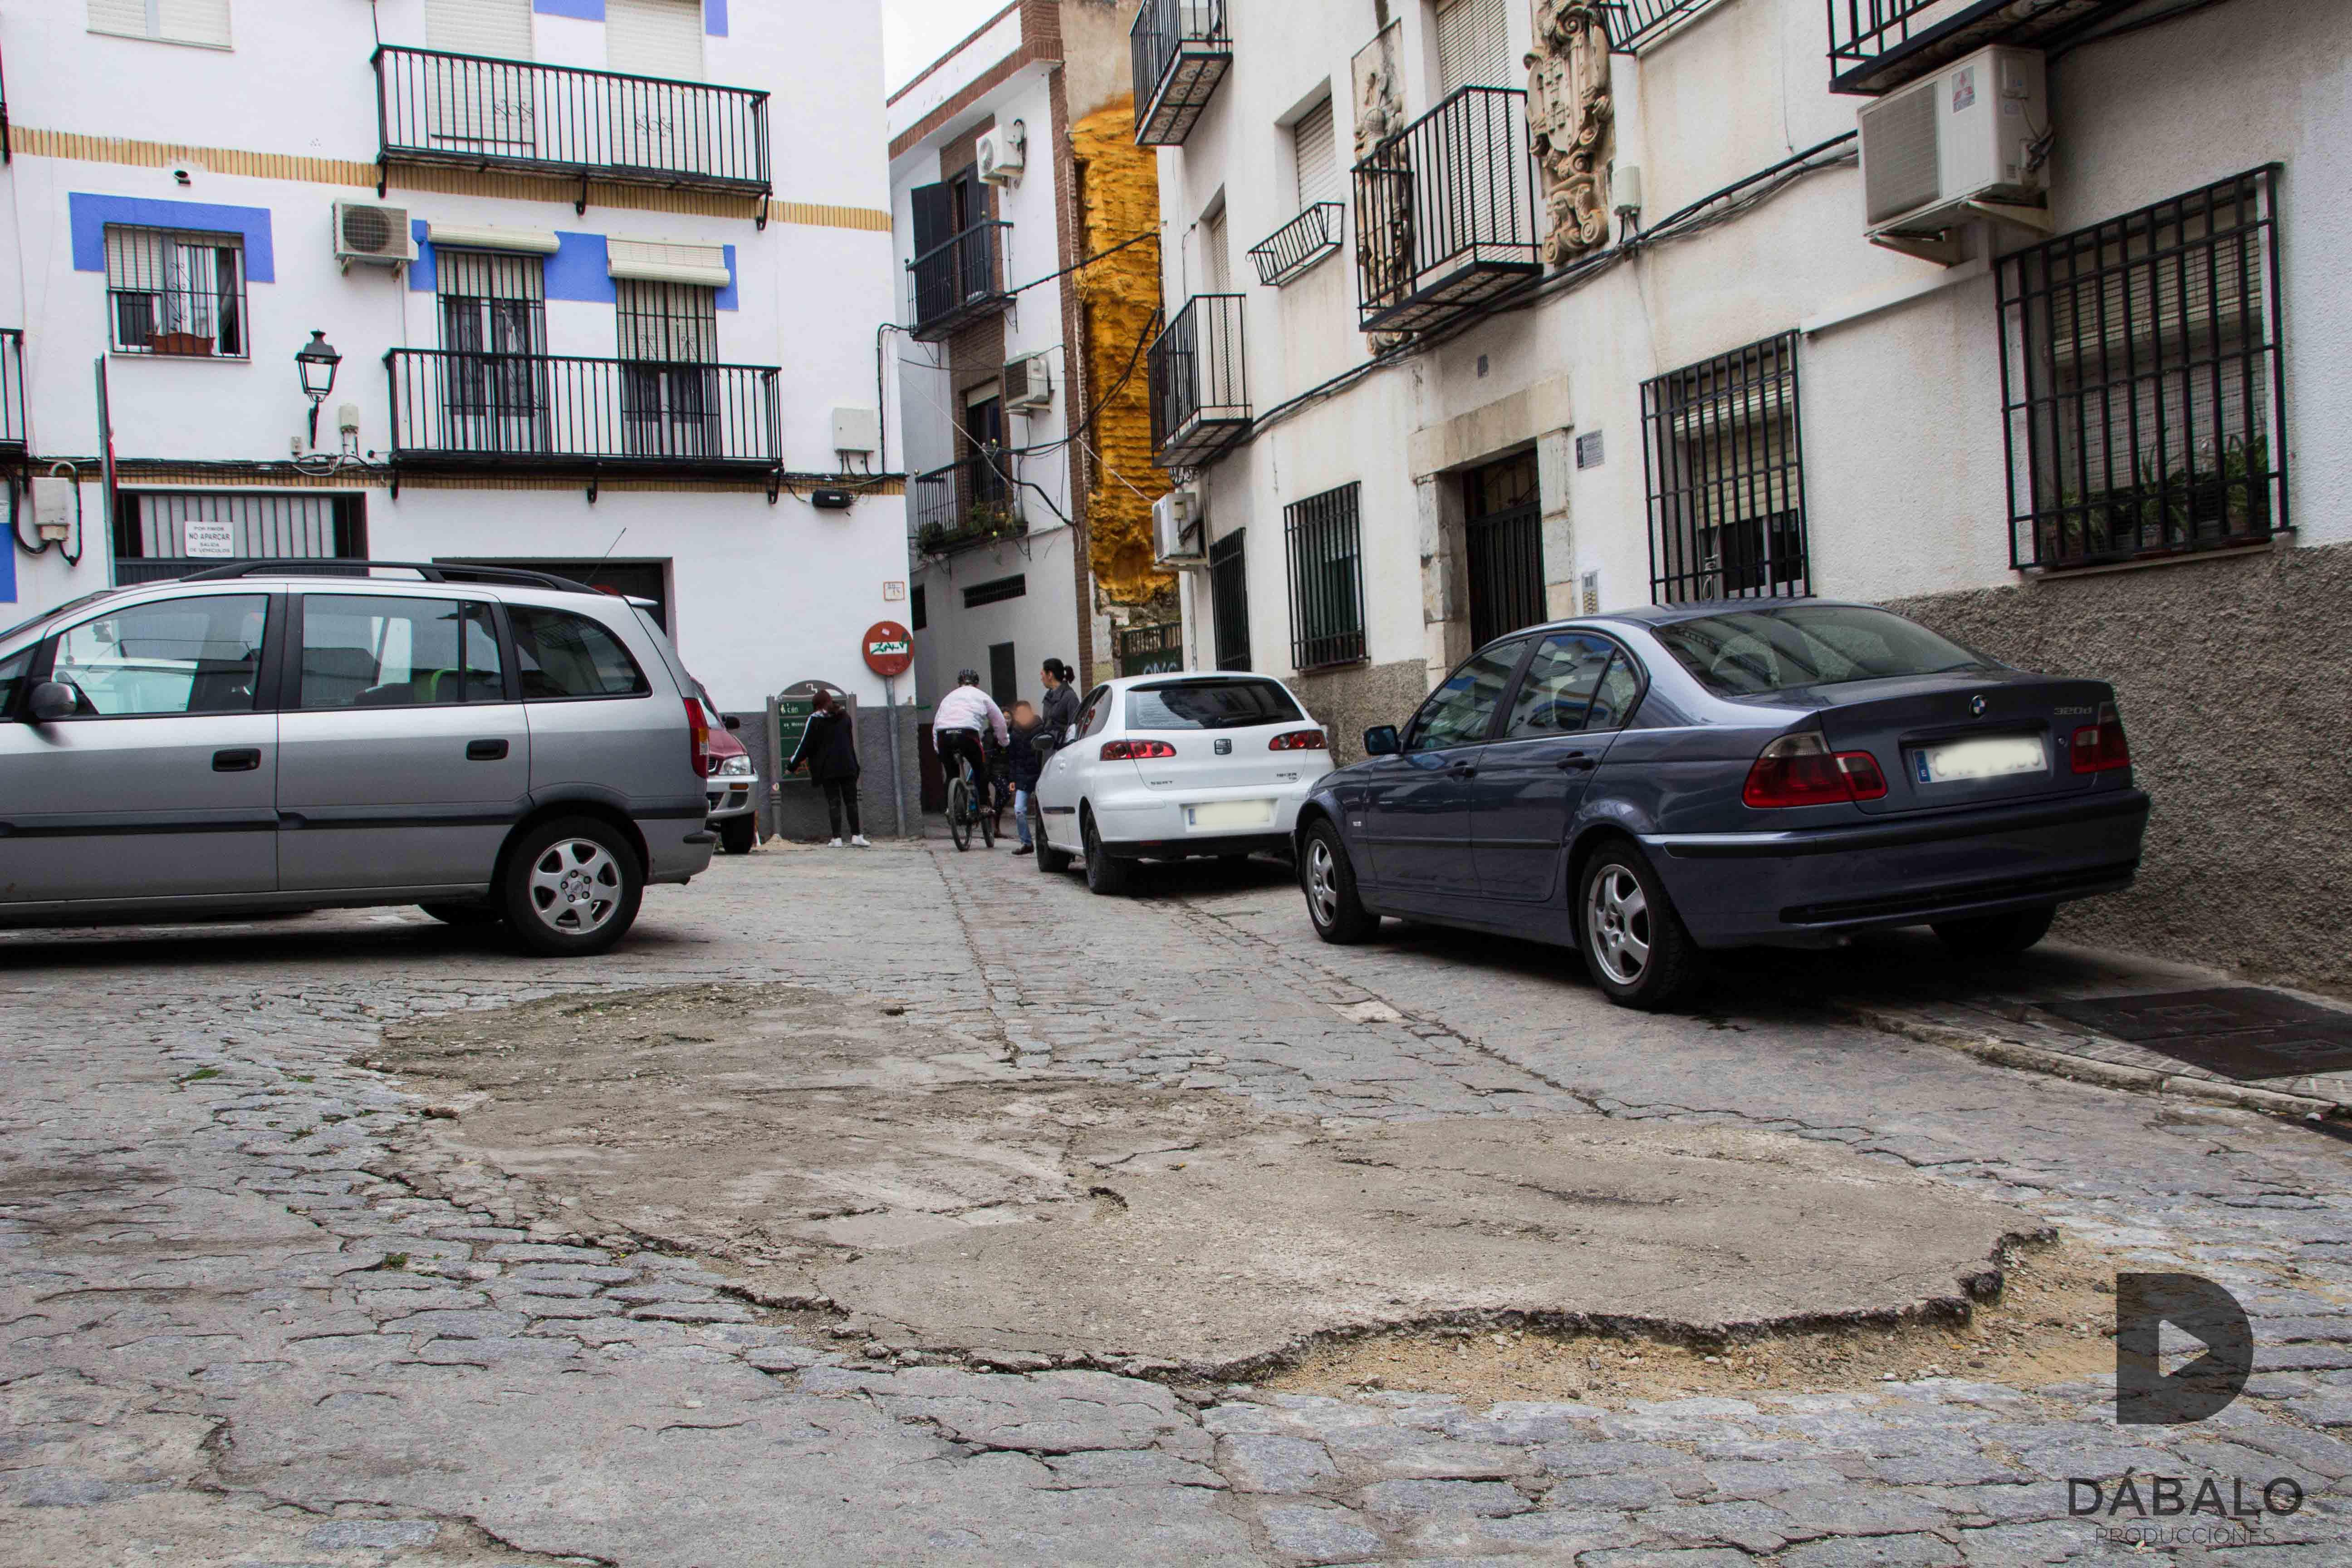 FOTO 14: Pavimento en mal estado en la calle San Bartolomé. También muchos coches mal aparcados.